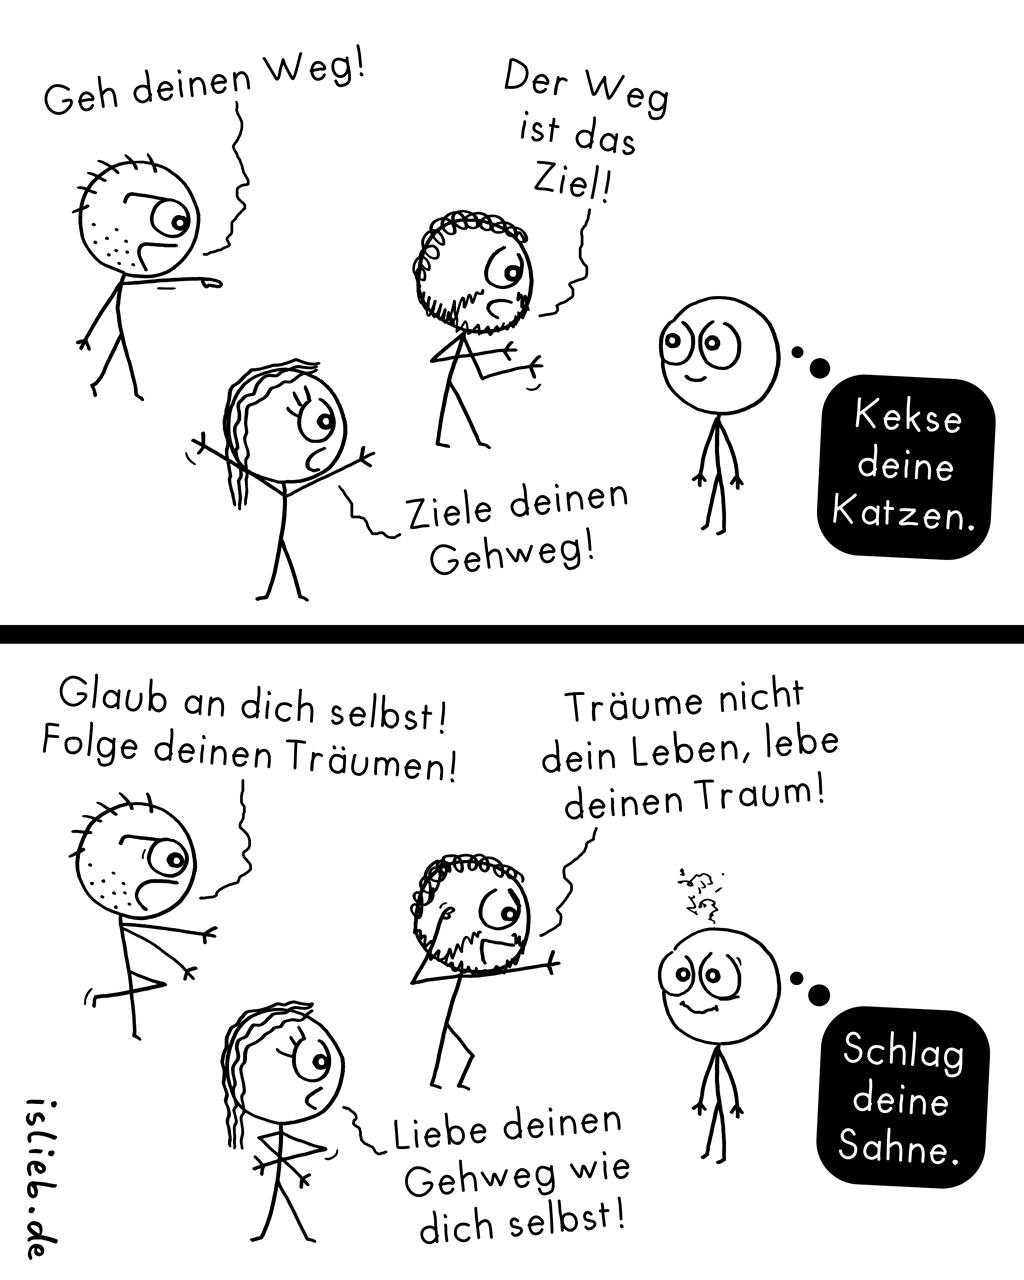 Philosophie fürs Leben | Comic-Sprüche | is lieb?